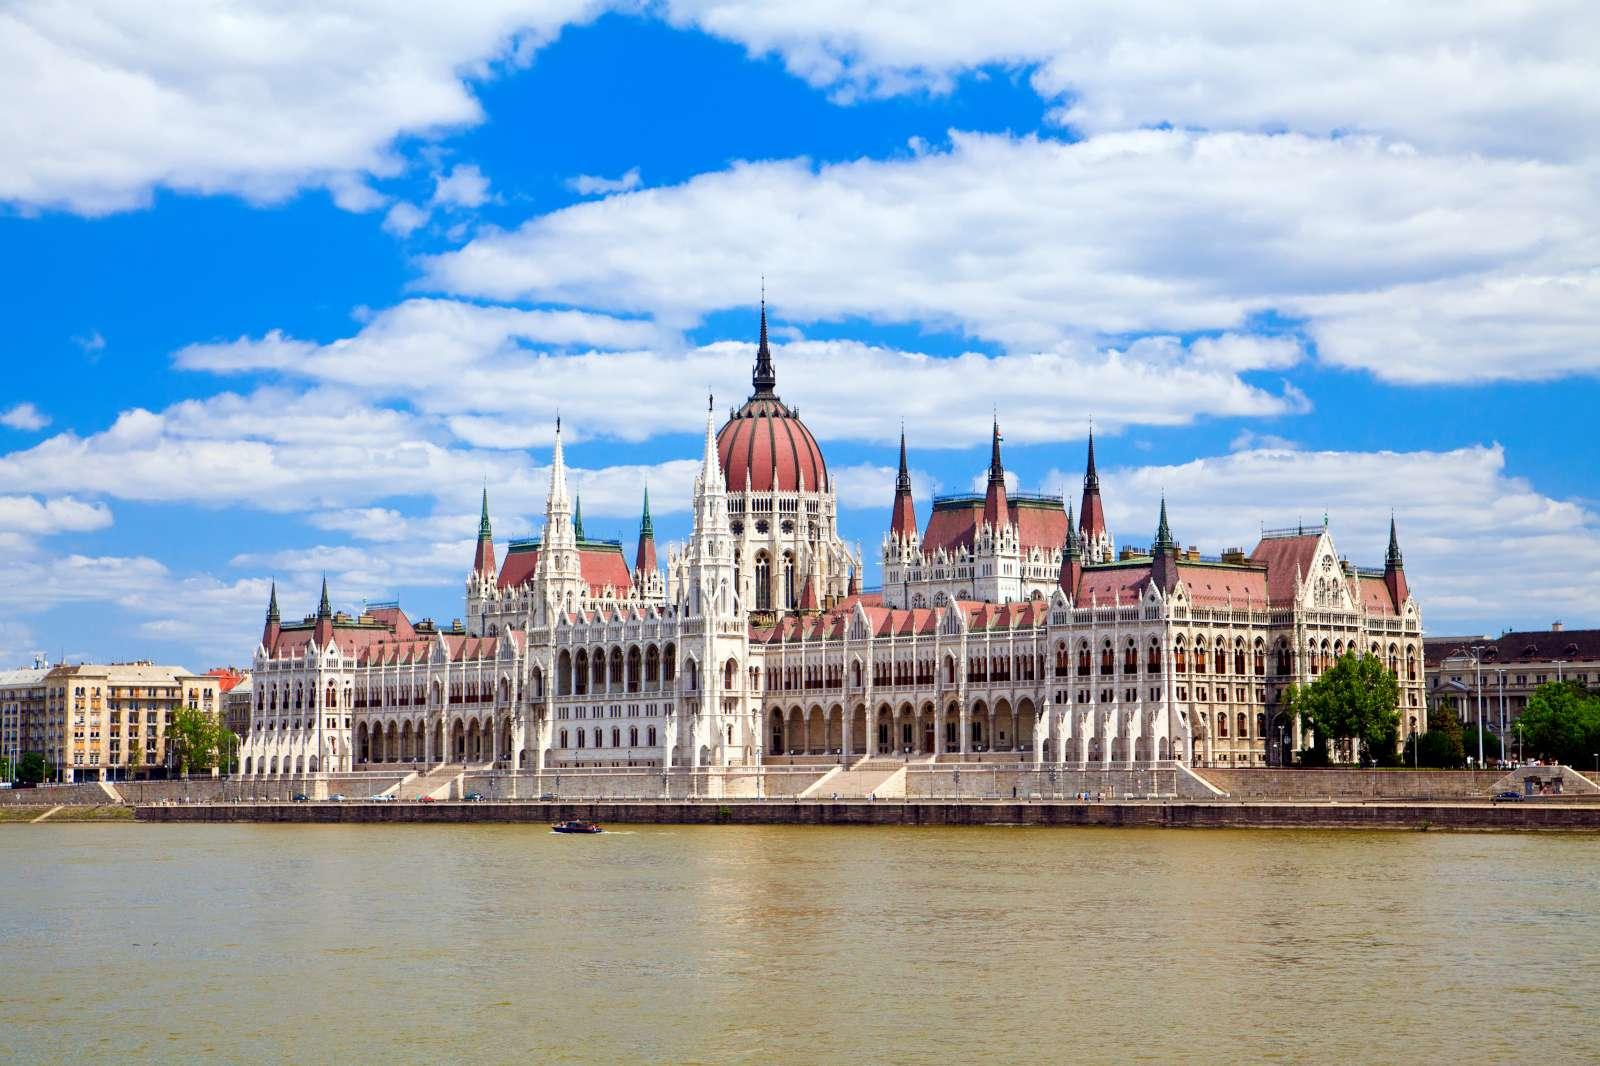 Βουδαπέστη: Ένα μοναδικό ταξίδι στη βασίλισσα του Δούναβη (photos)